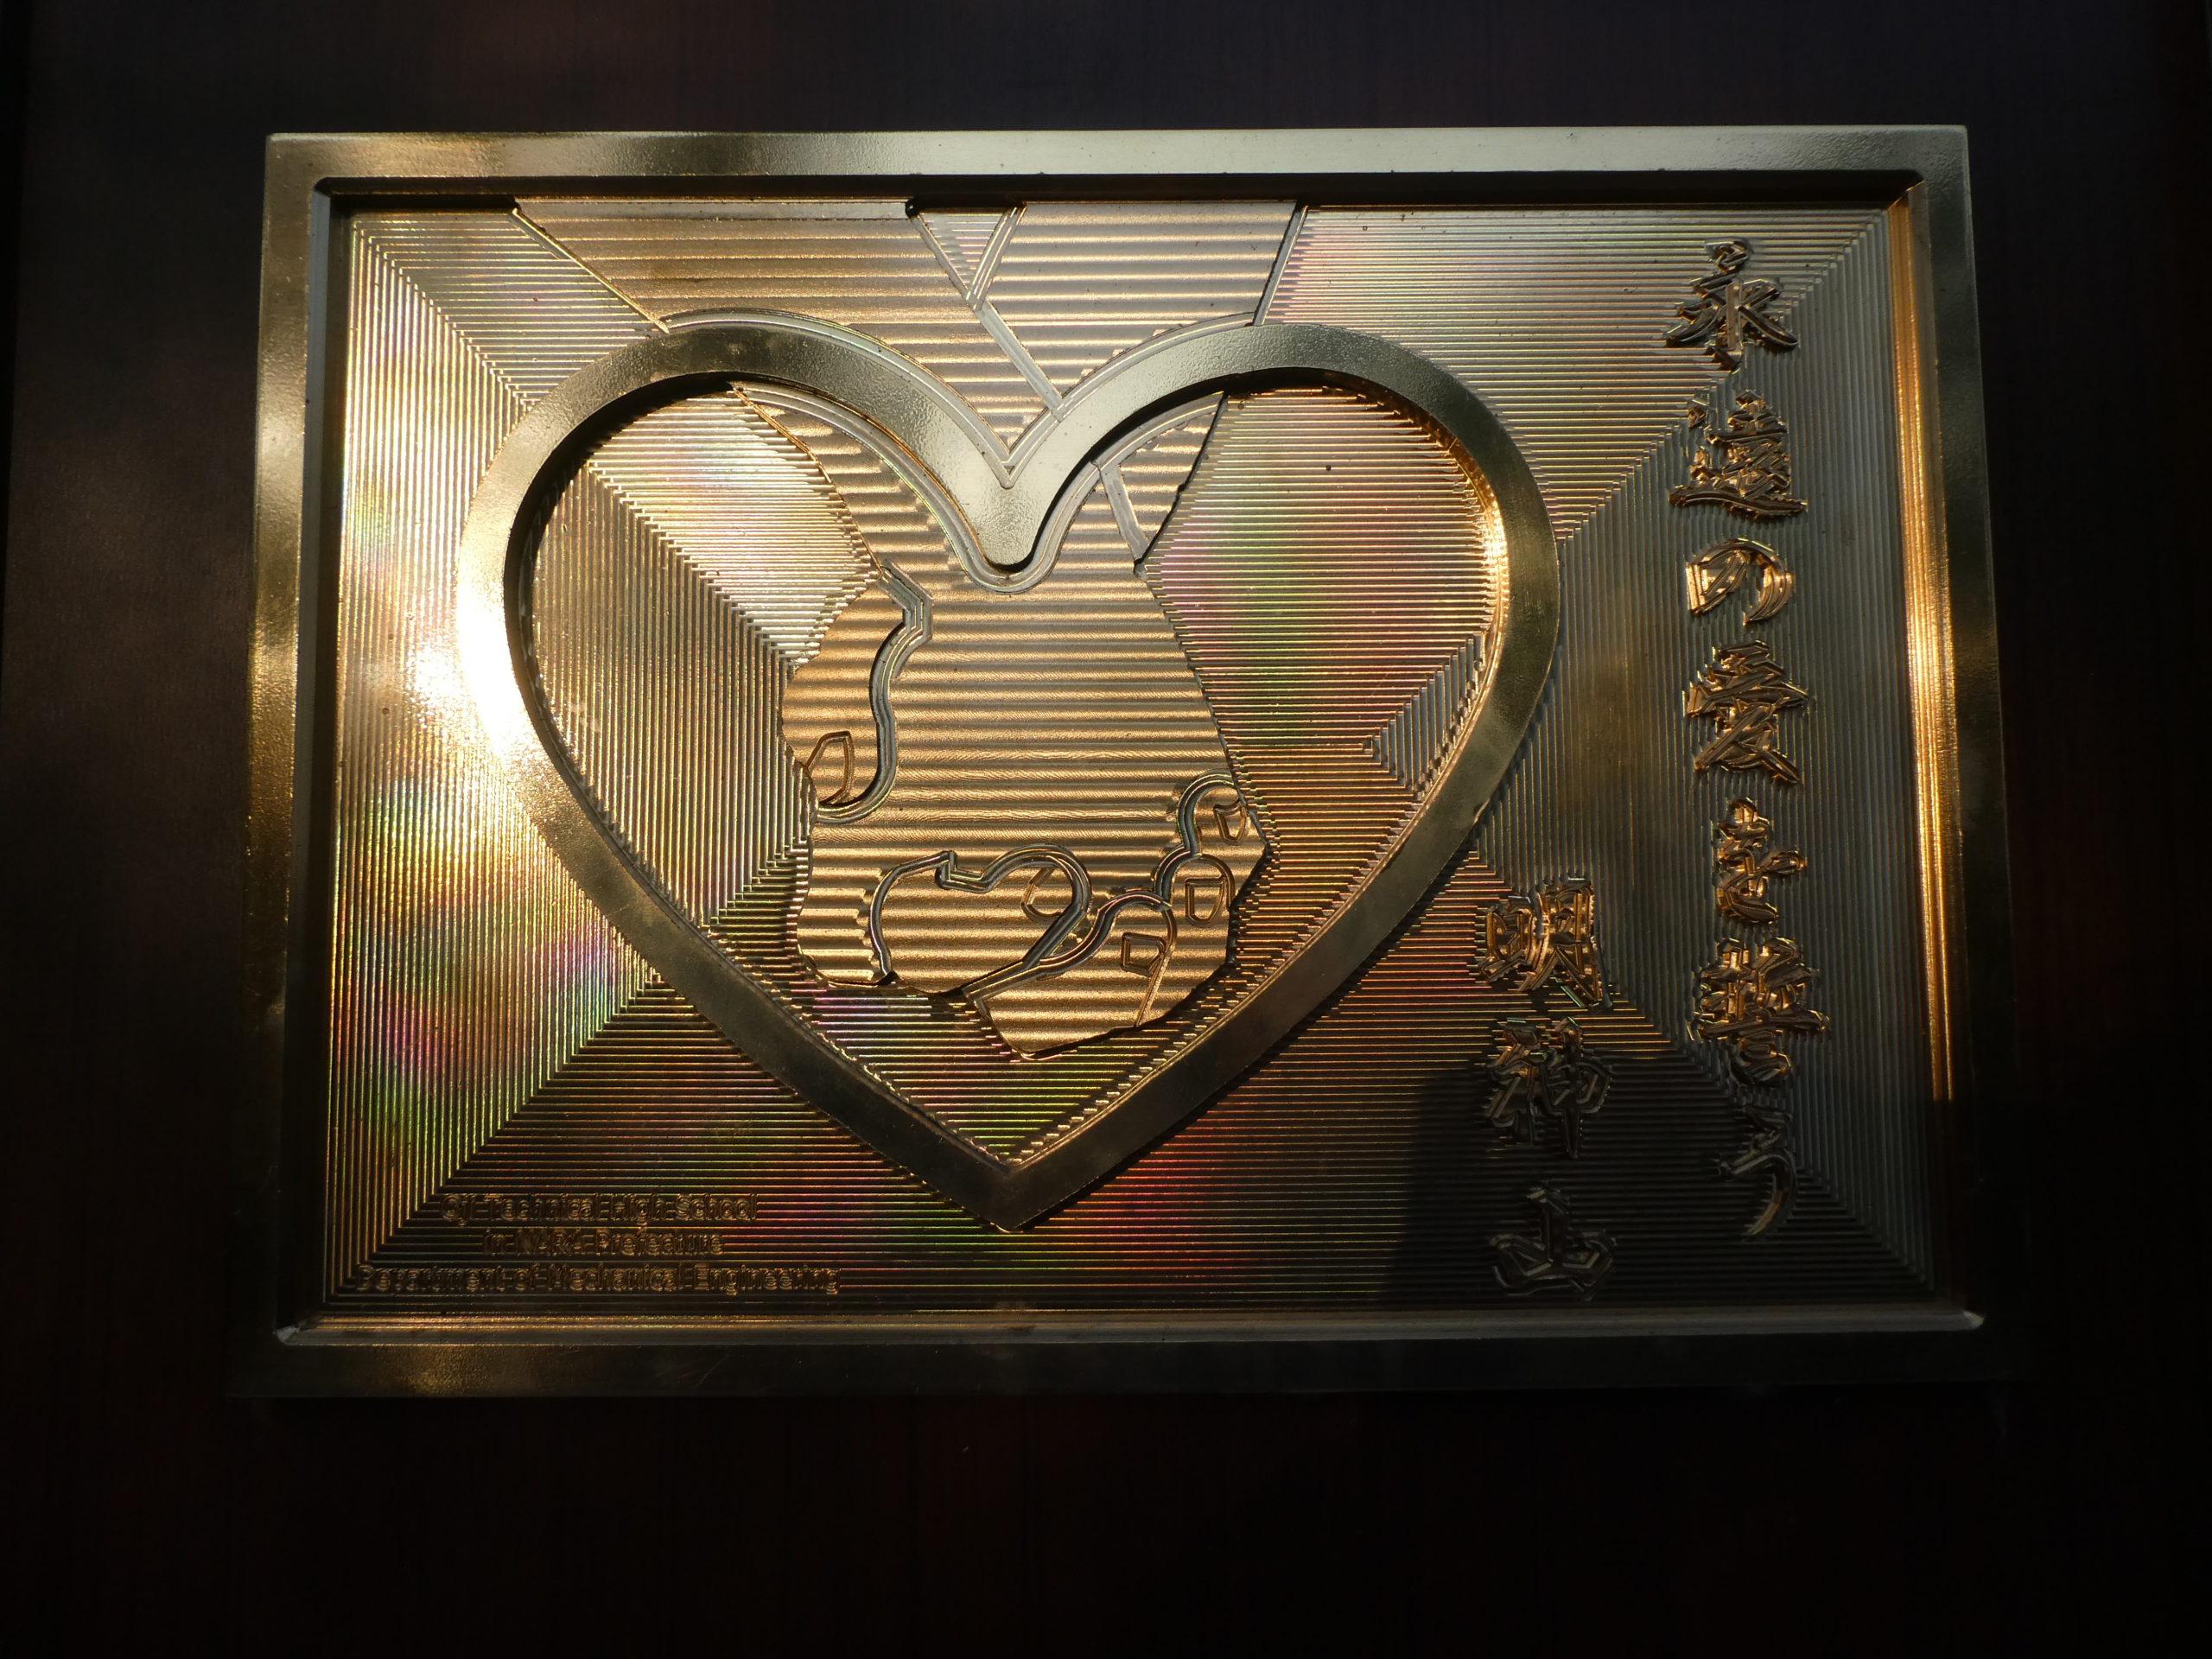 明神山 ハイキングコース 永遠の愛を誓う プレート